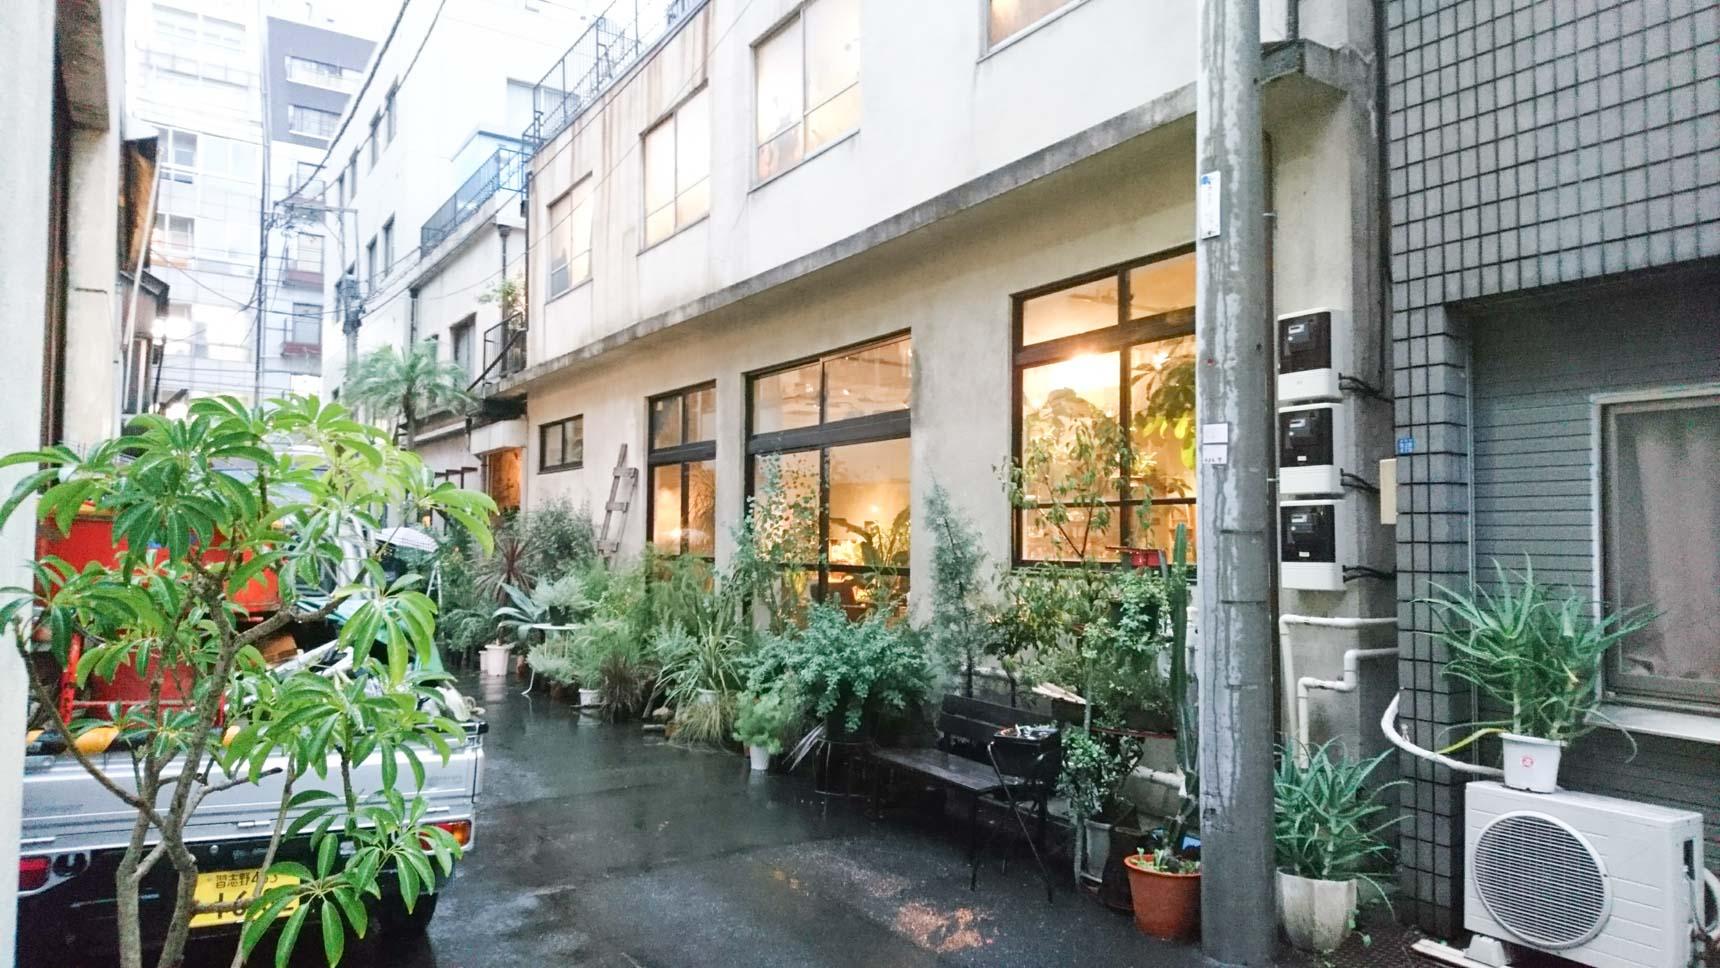 右側の建物は、本屋さんとボタニカルショップ、カフェ、そして家具や雑貨の販売スペースがあります。